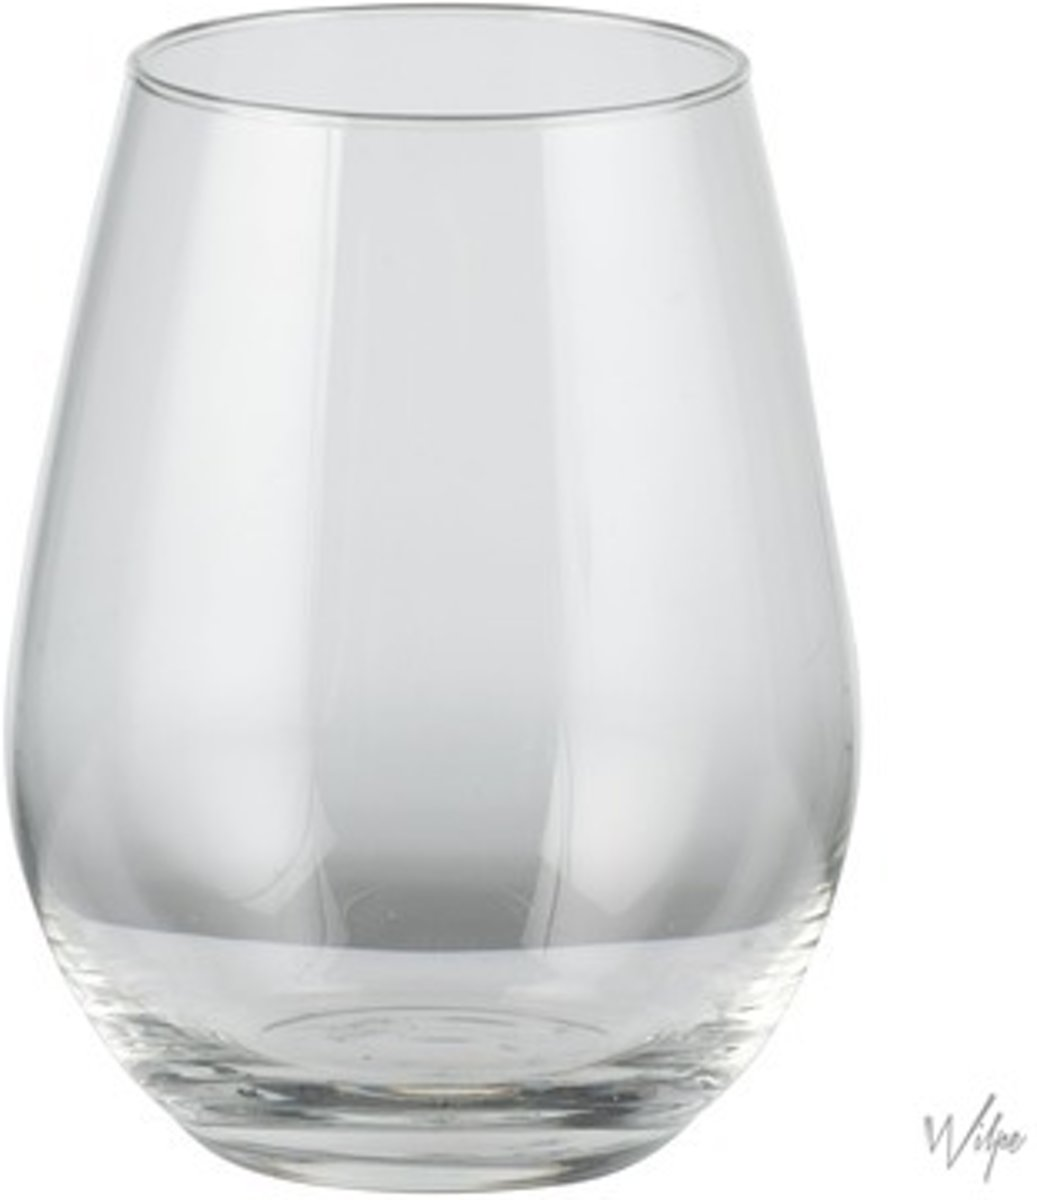 Avignon Whiskeyglas - 35 cl - 4 stuks kopen